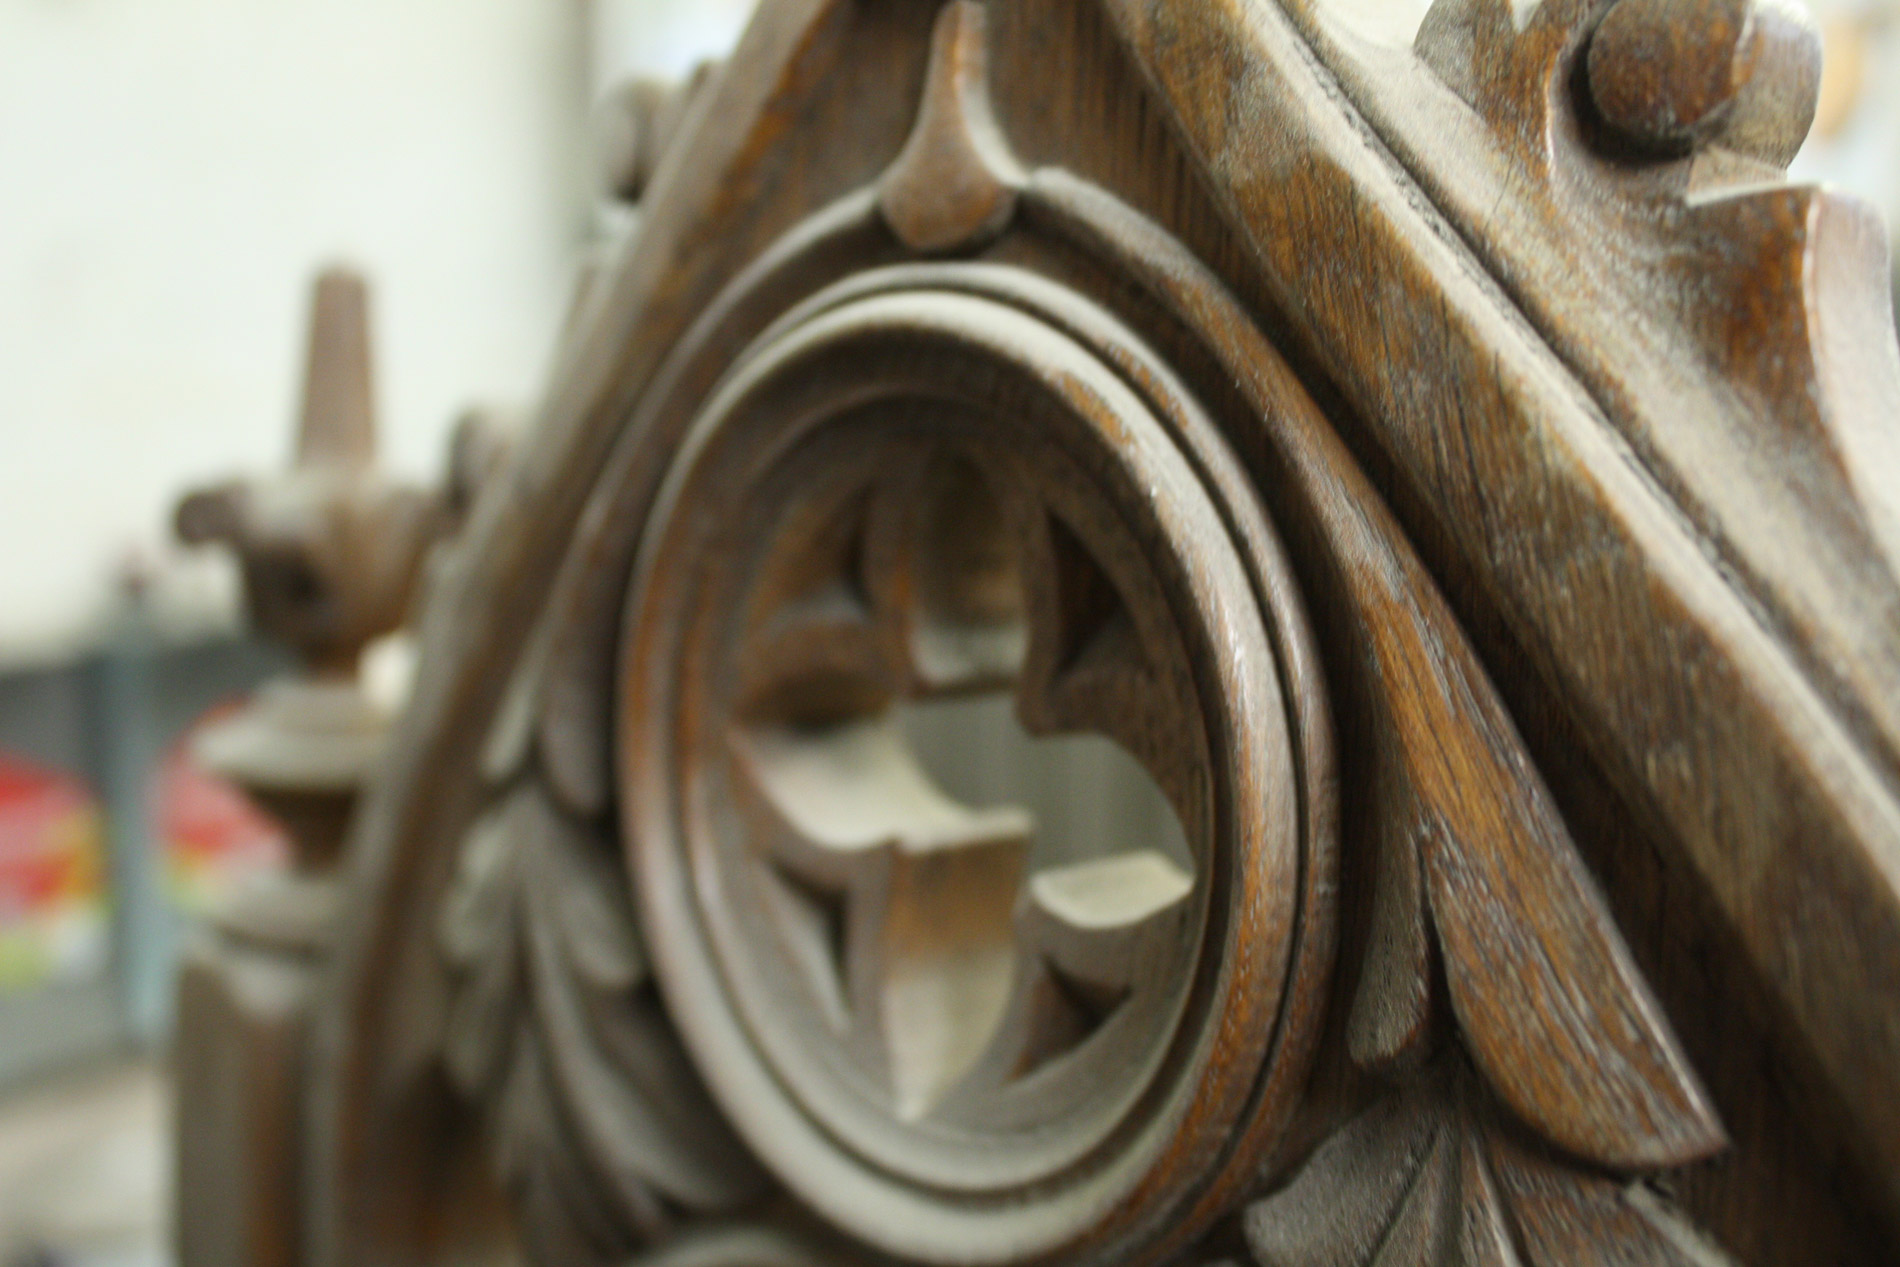 Restaurierung - Restaurierungs- und Instandsetzungsarbeiten sind vor allem bei Möbeln und Bauelementen gefragt. Detailgetreues und stilgerechtes Aufarbeiten steht hierbei im Fokus.Durch die Schulung und Erfahrung mit dem Reparatursystem der Marke RepairCare können auch grobe Schäden wieder behoben werden. So können alte Schätze zu neuem Leben erweckt werden.